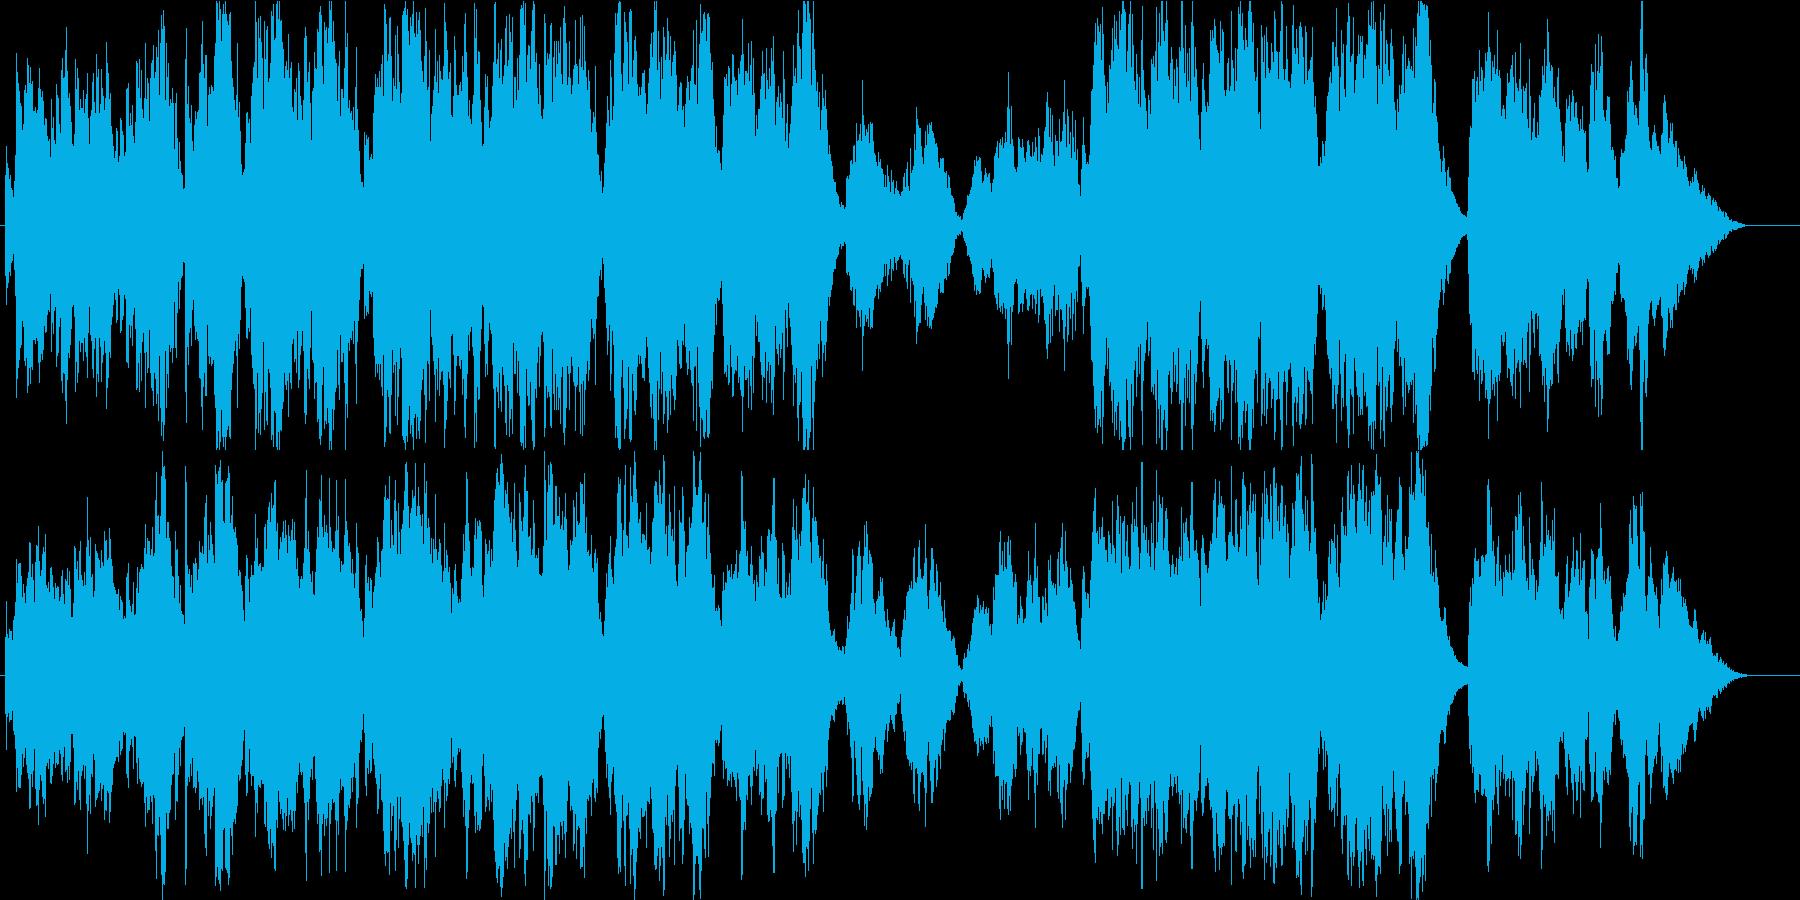 有名クリスマス曲・オーケストラアレンジの再生済みの波形